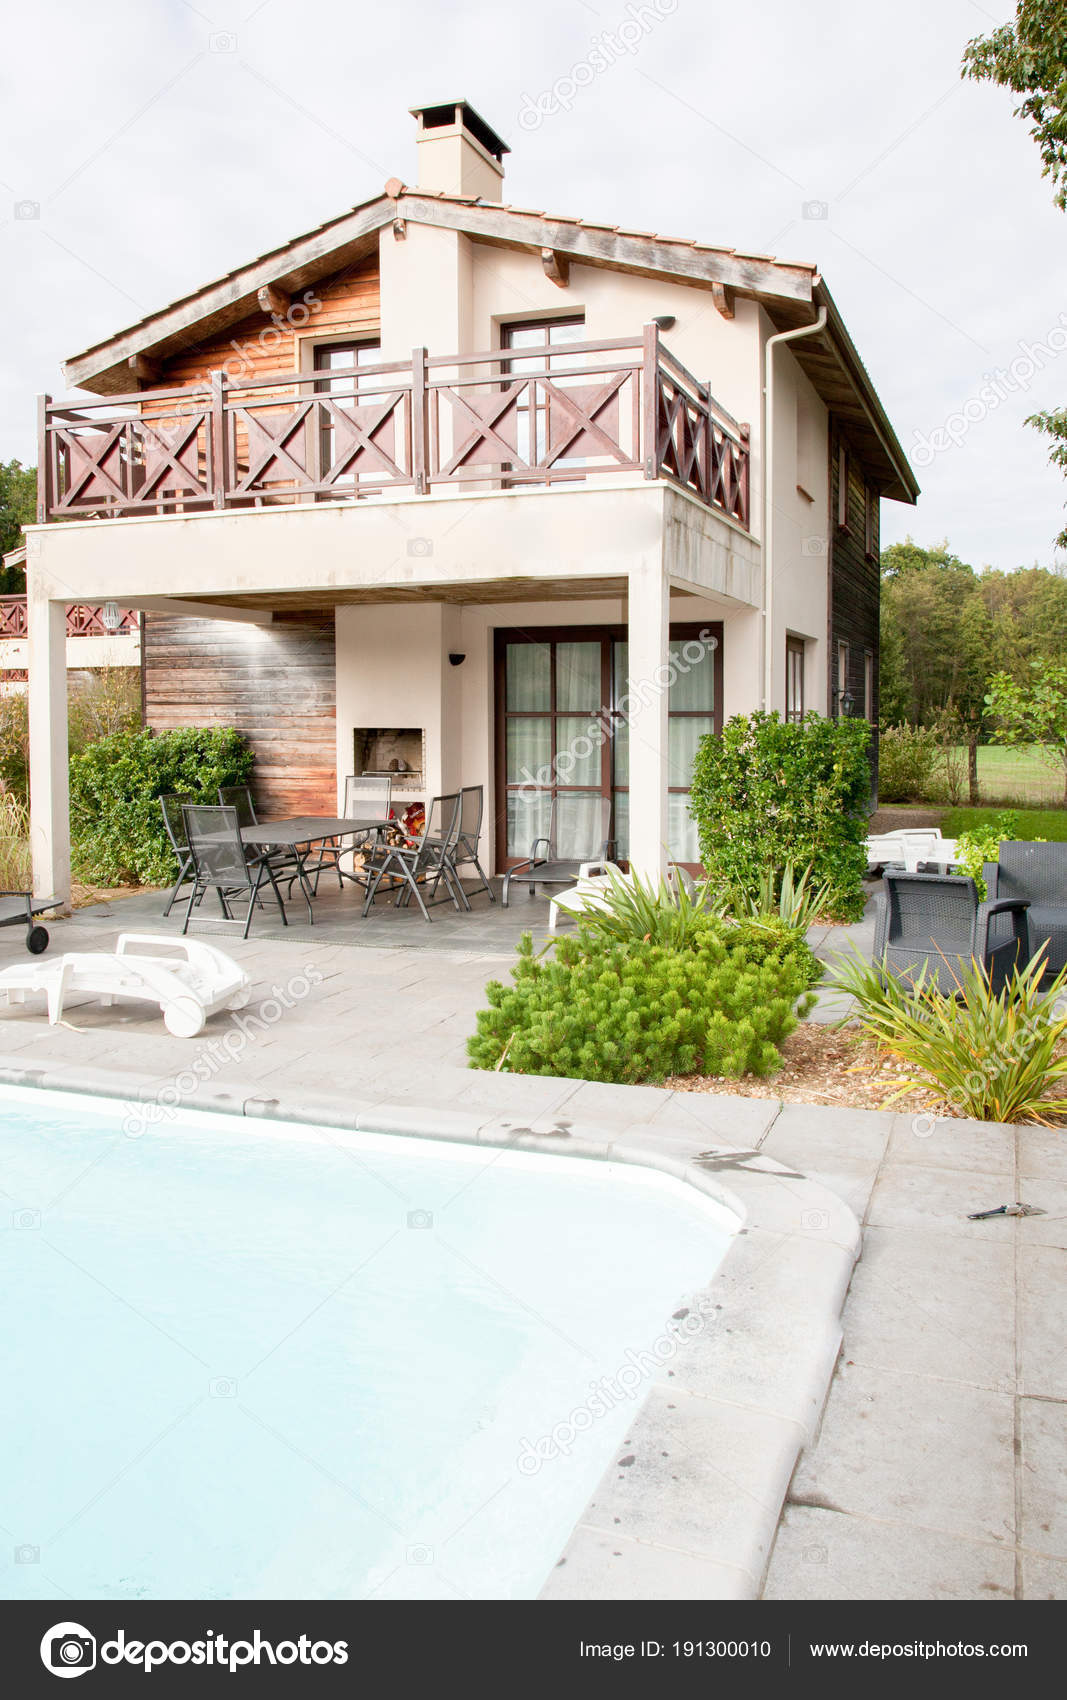 Maison Moderne Avec Piscine Jardin Ete Photographie Sylv1rob1